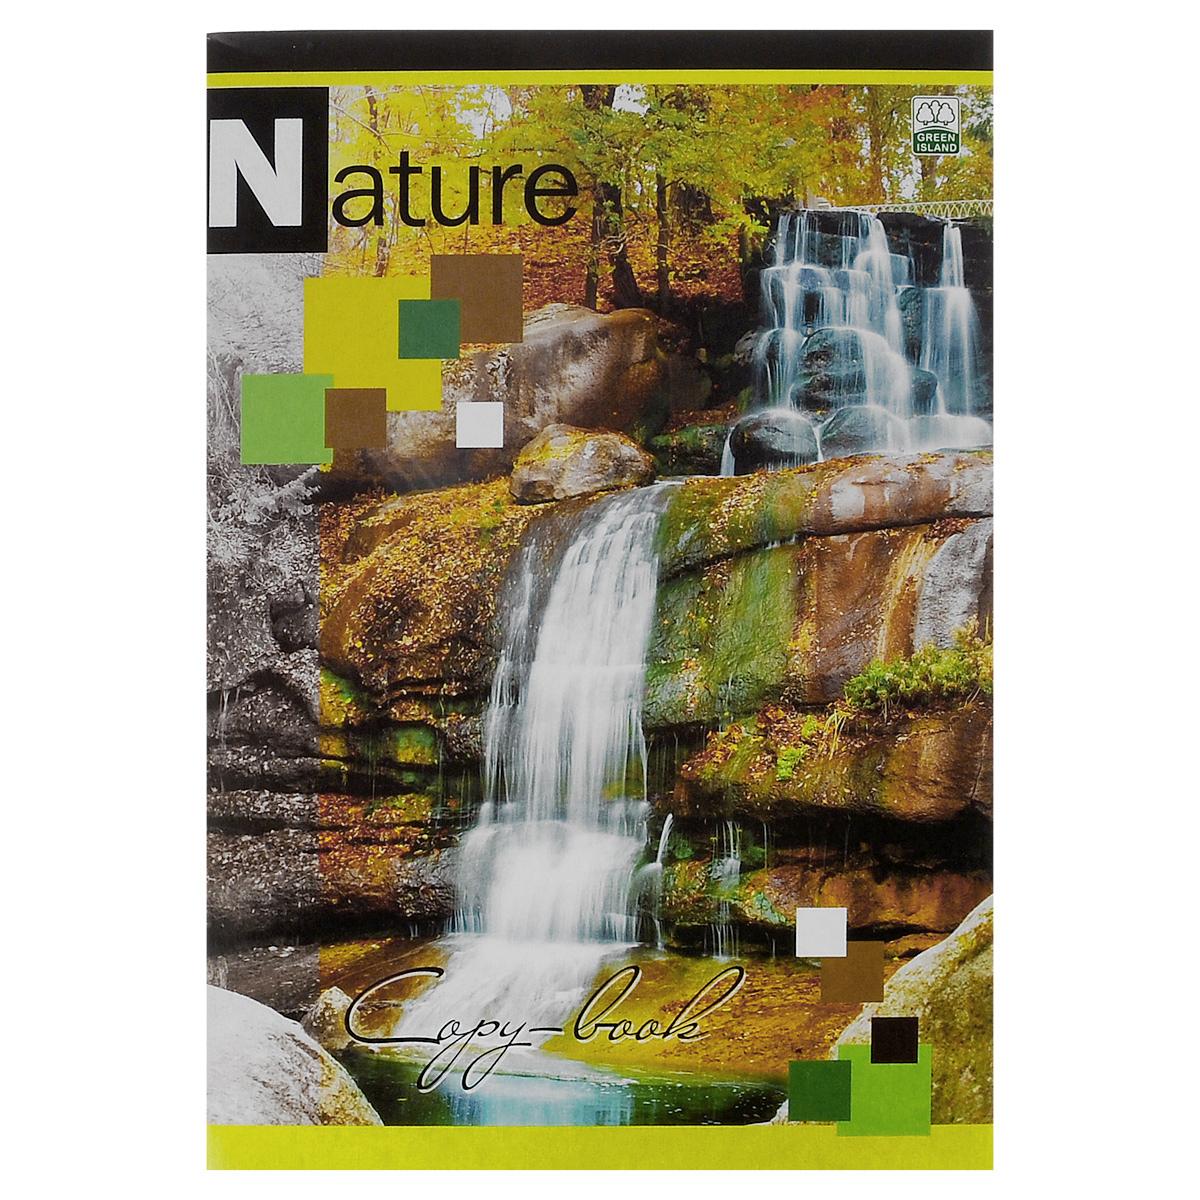 Тетрадь в клетку Nature Водопад, 96 листов, формат А46640/3_ВодопадУниверсальная тетрадь Nature Водопад подойдет как для учебы, так и для работы. Обложка тетради выполнена из мелованного картона с красочным изображением водопада. Внутренний блок состоит из 96 листов белой офсетной бумаги со стандартной линовкой в клетку без полей. Способ крепления - скобы.